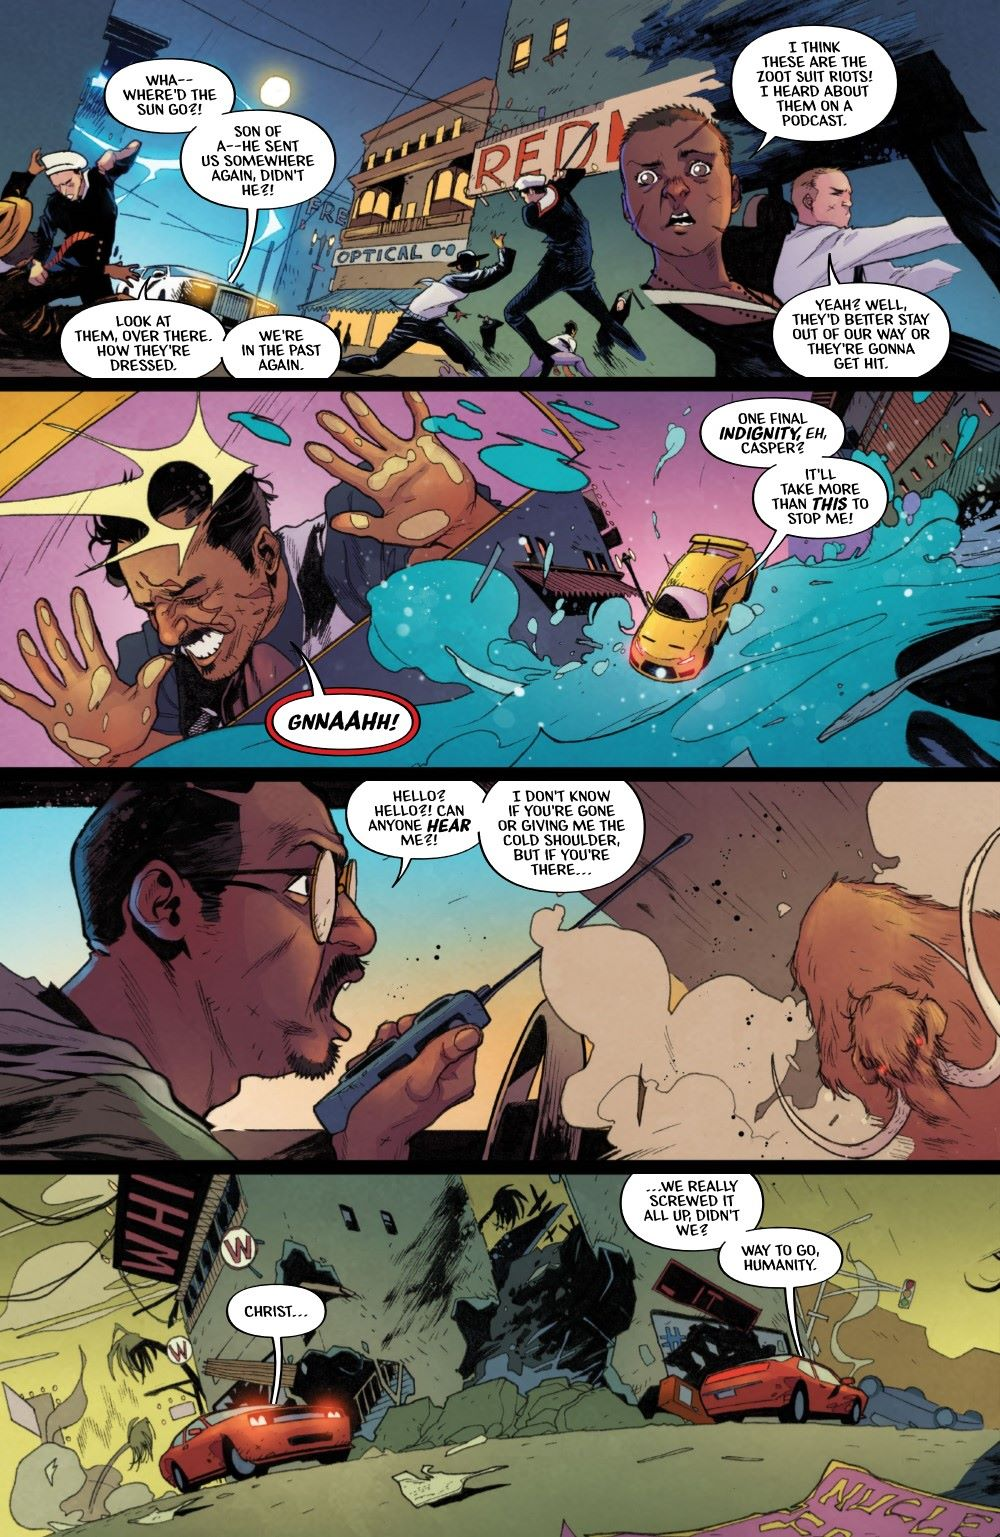 BACKTRACK-10-MARKETING-06 ComicList Previews: BACKTRACK #10